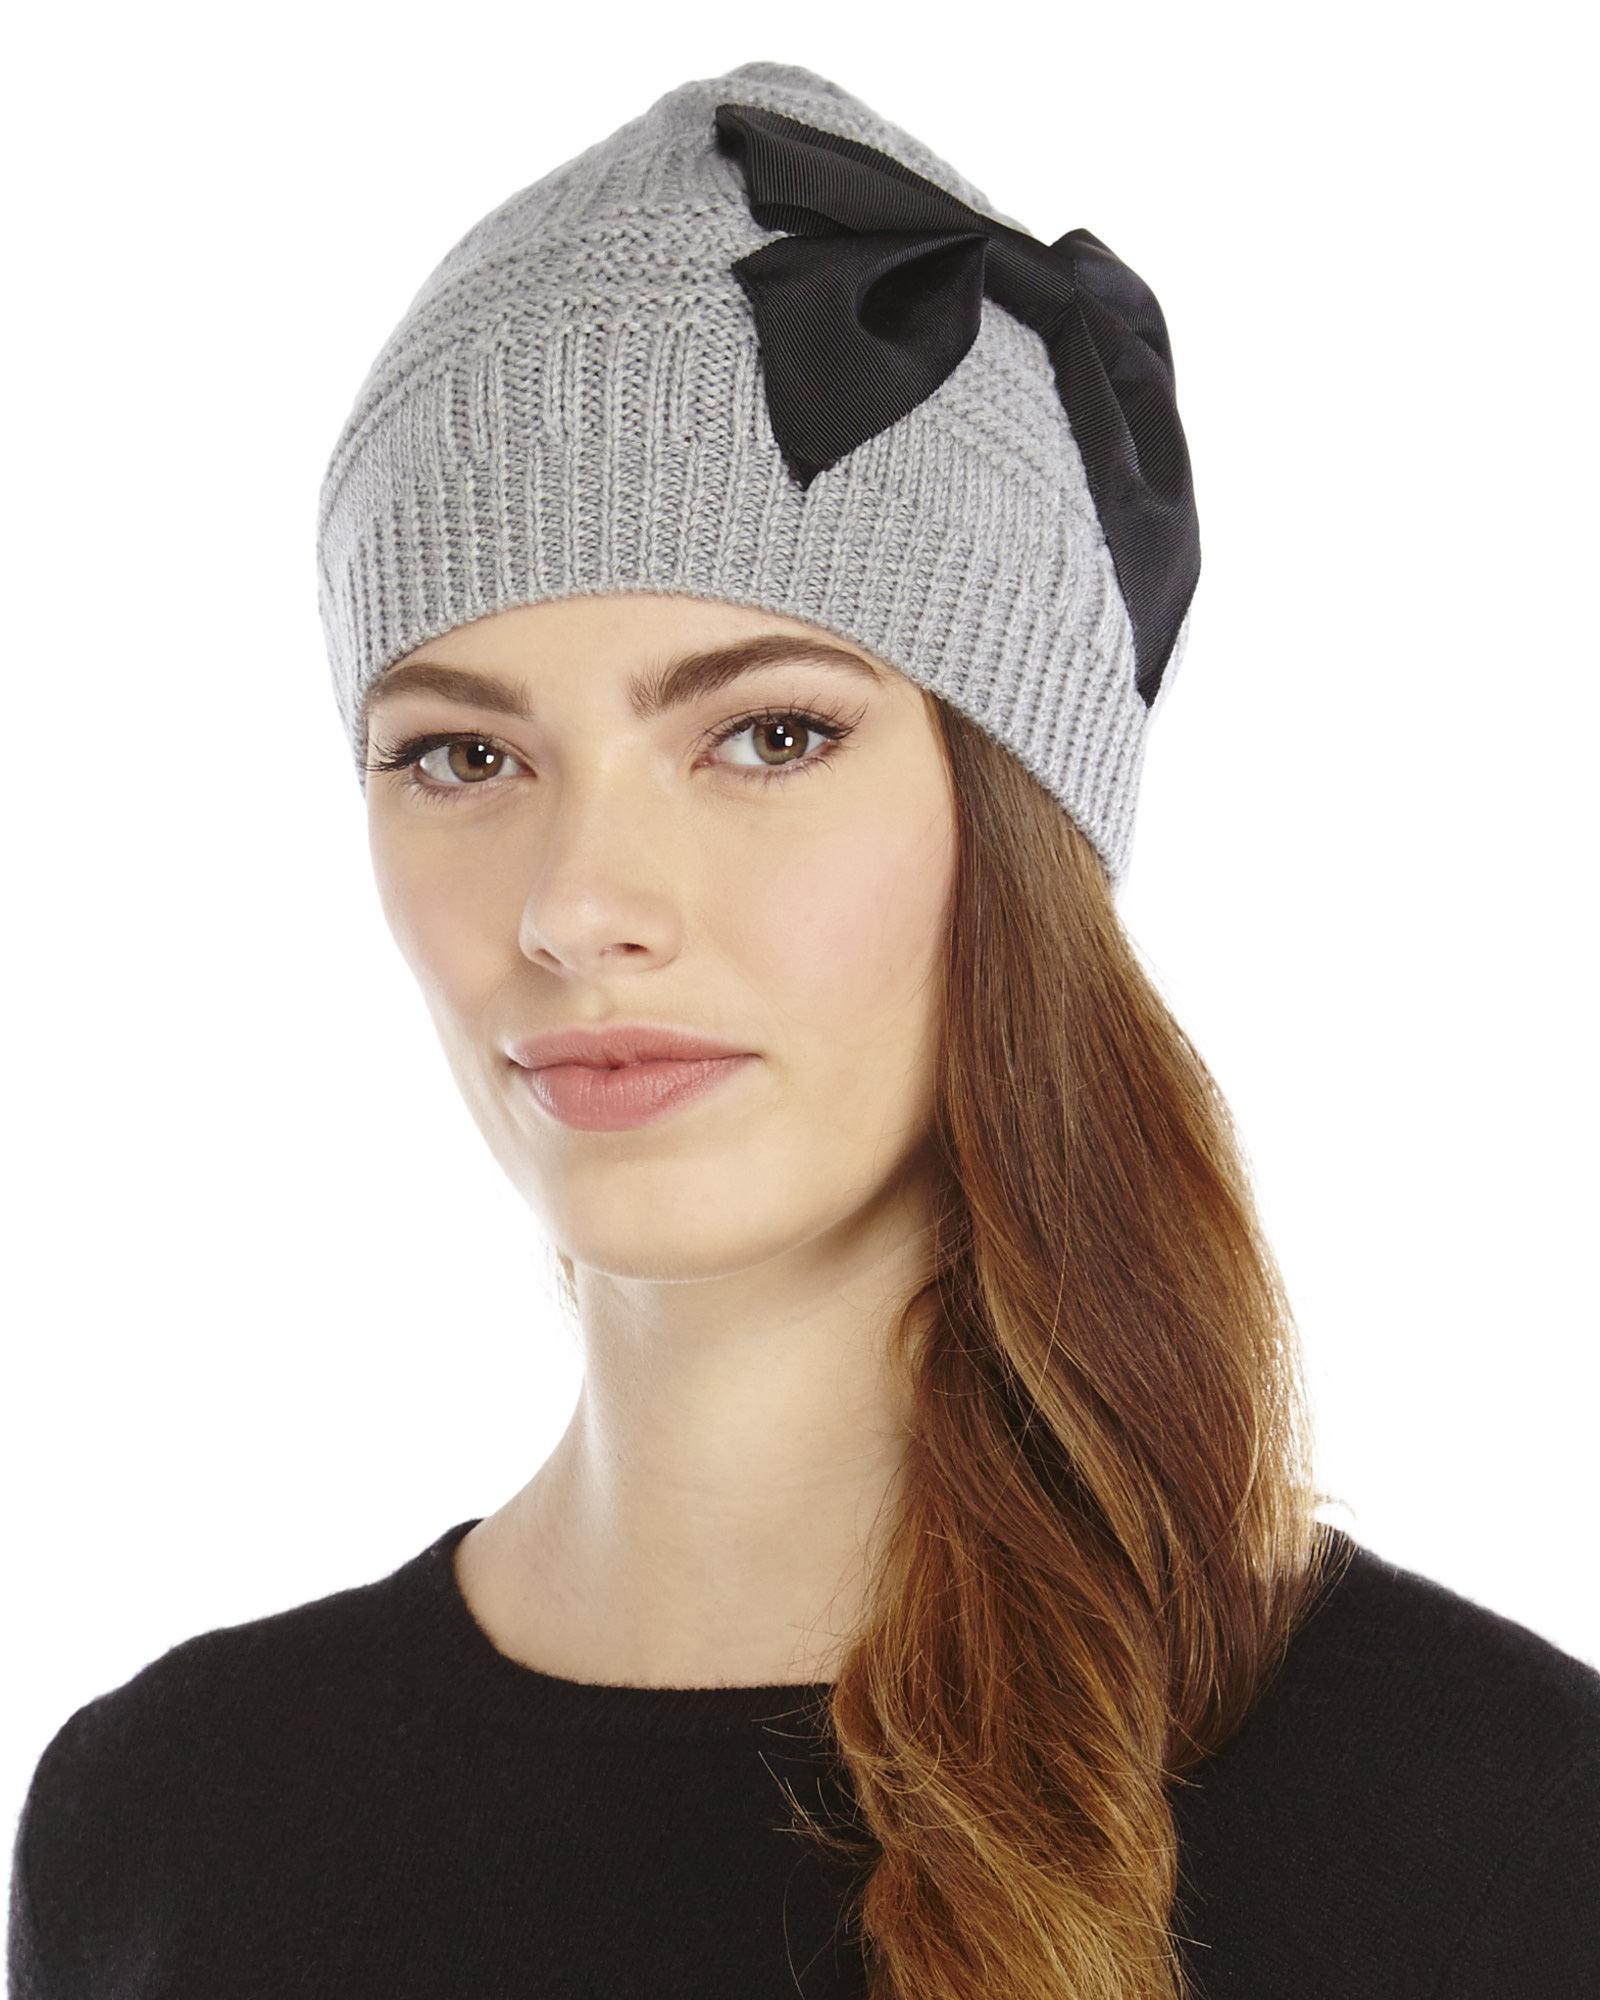 Lyst - Kate Spade Plaid Stitch Bow Beanie in Gray 03d66cc5716